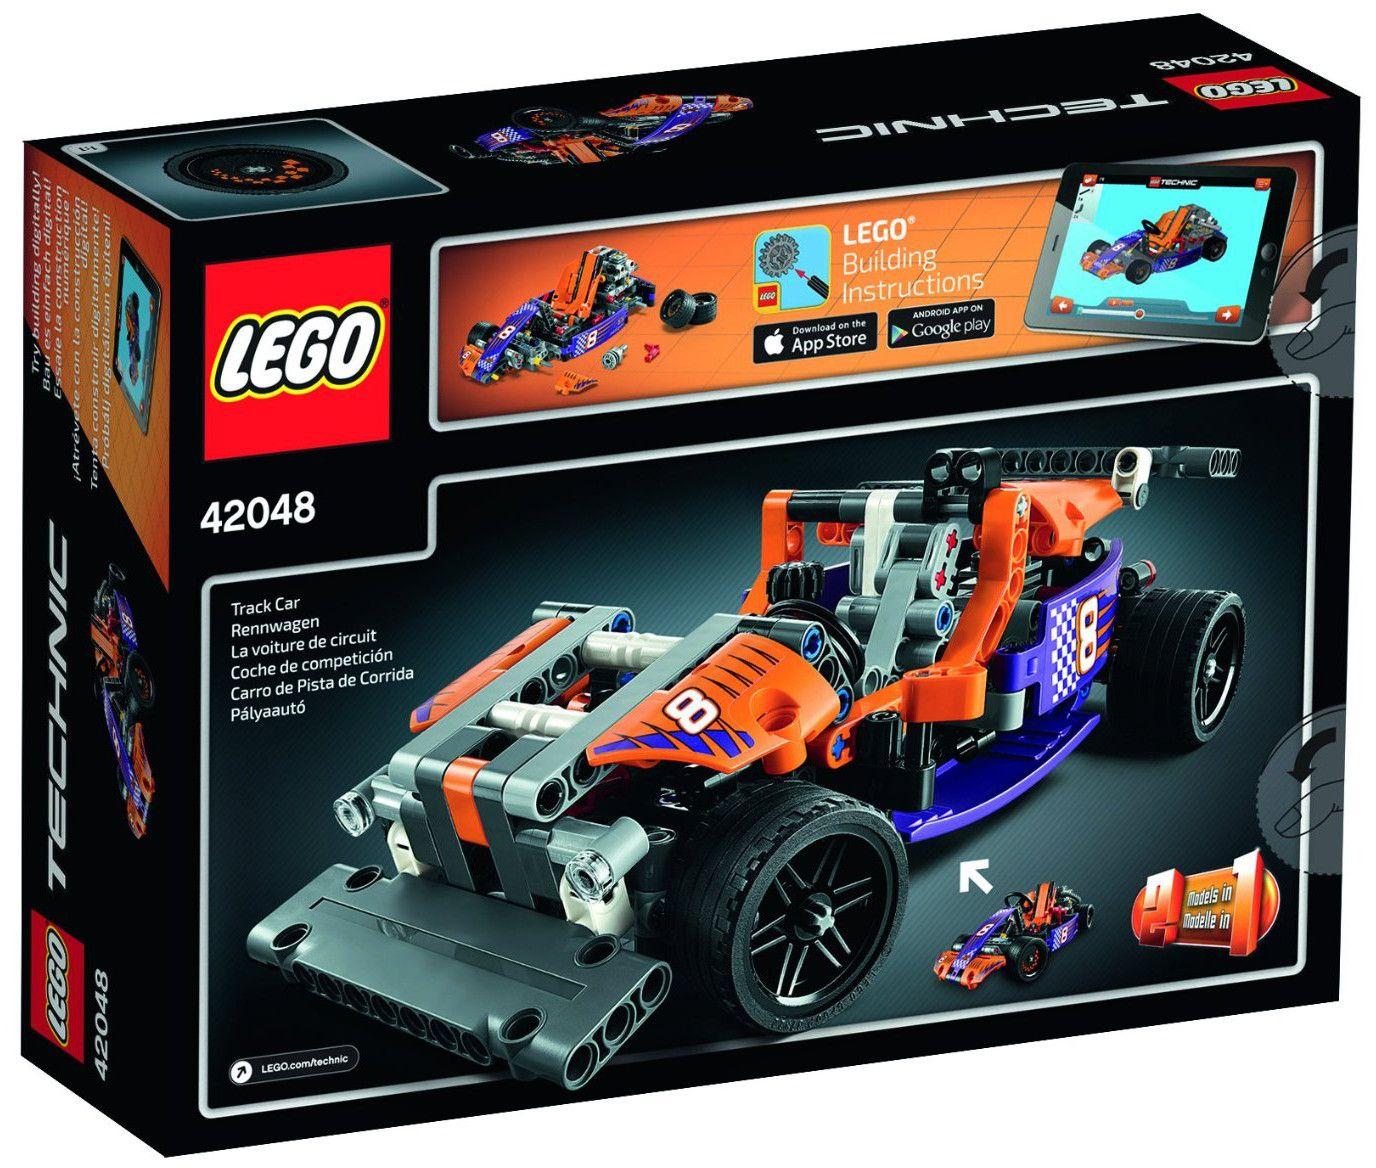 Конструктор Lego Technic - Състезателна картинг кола (42048) - 3